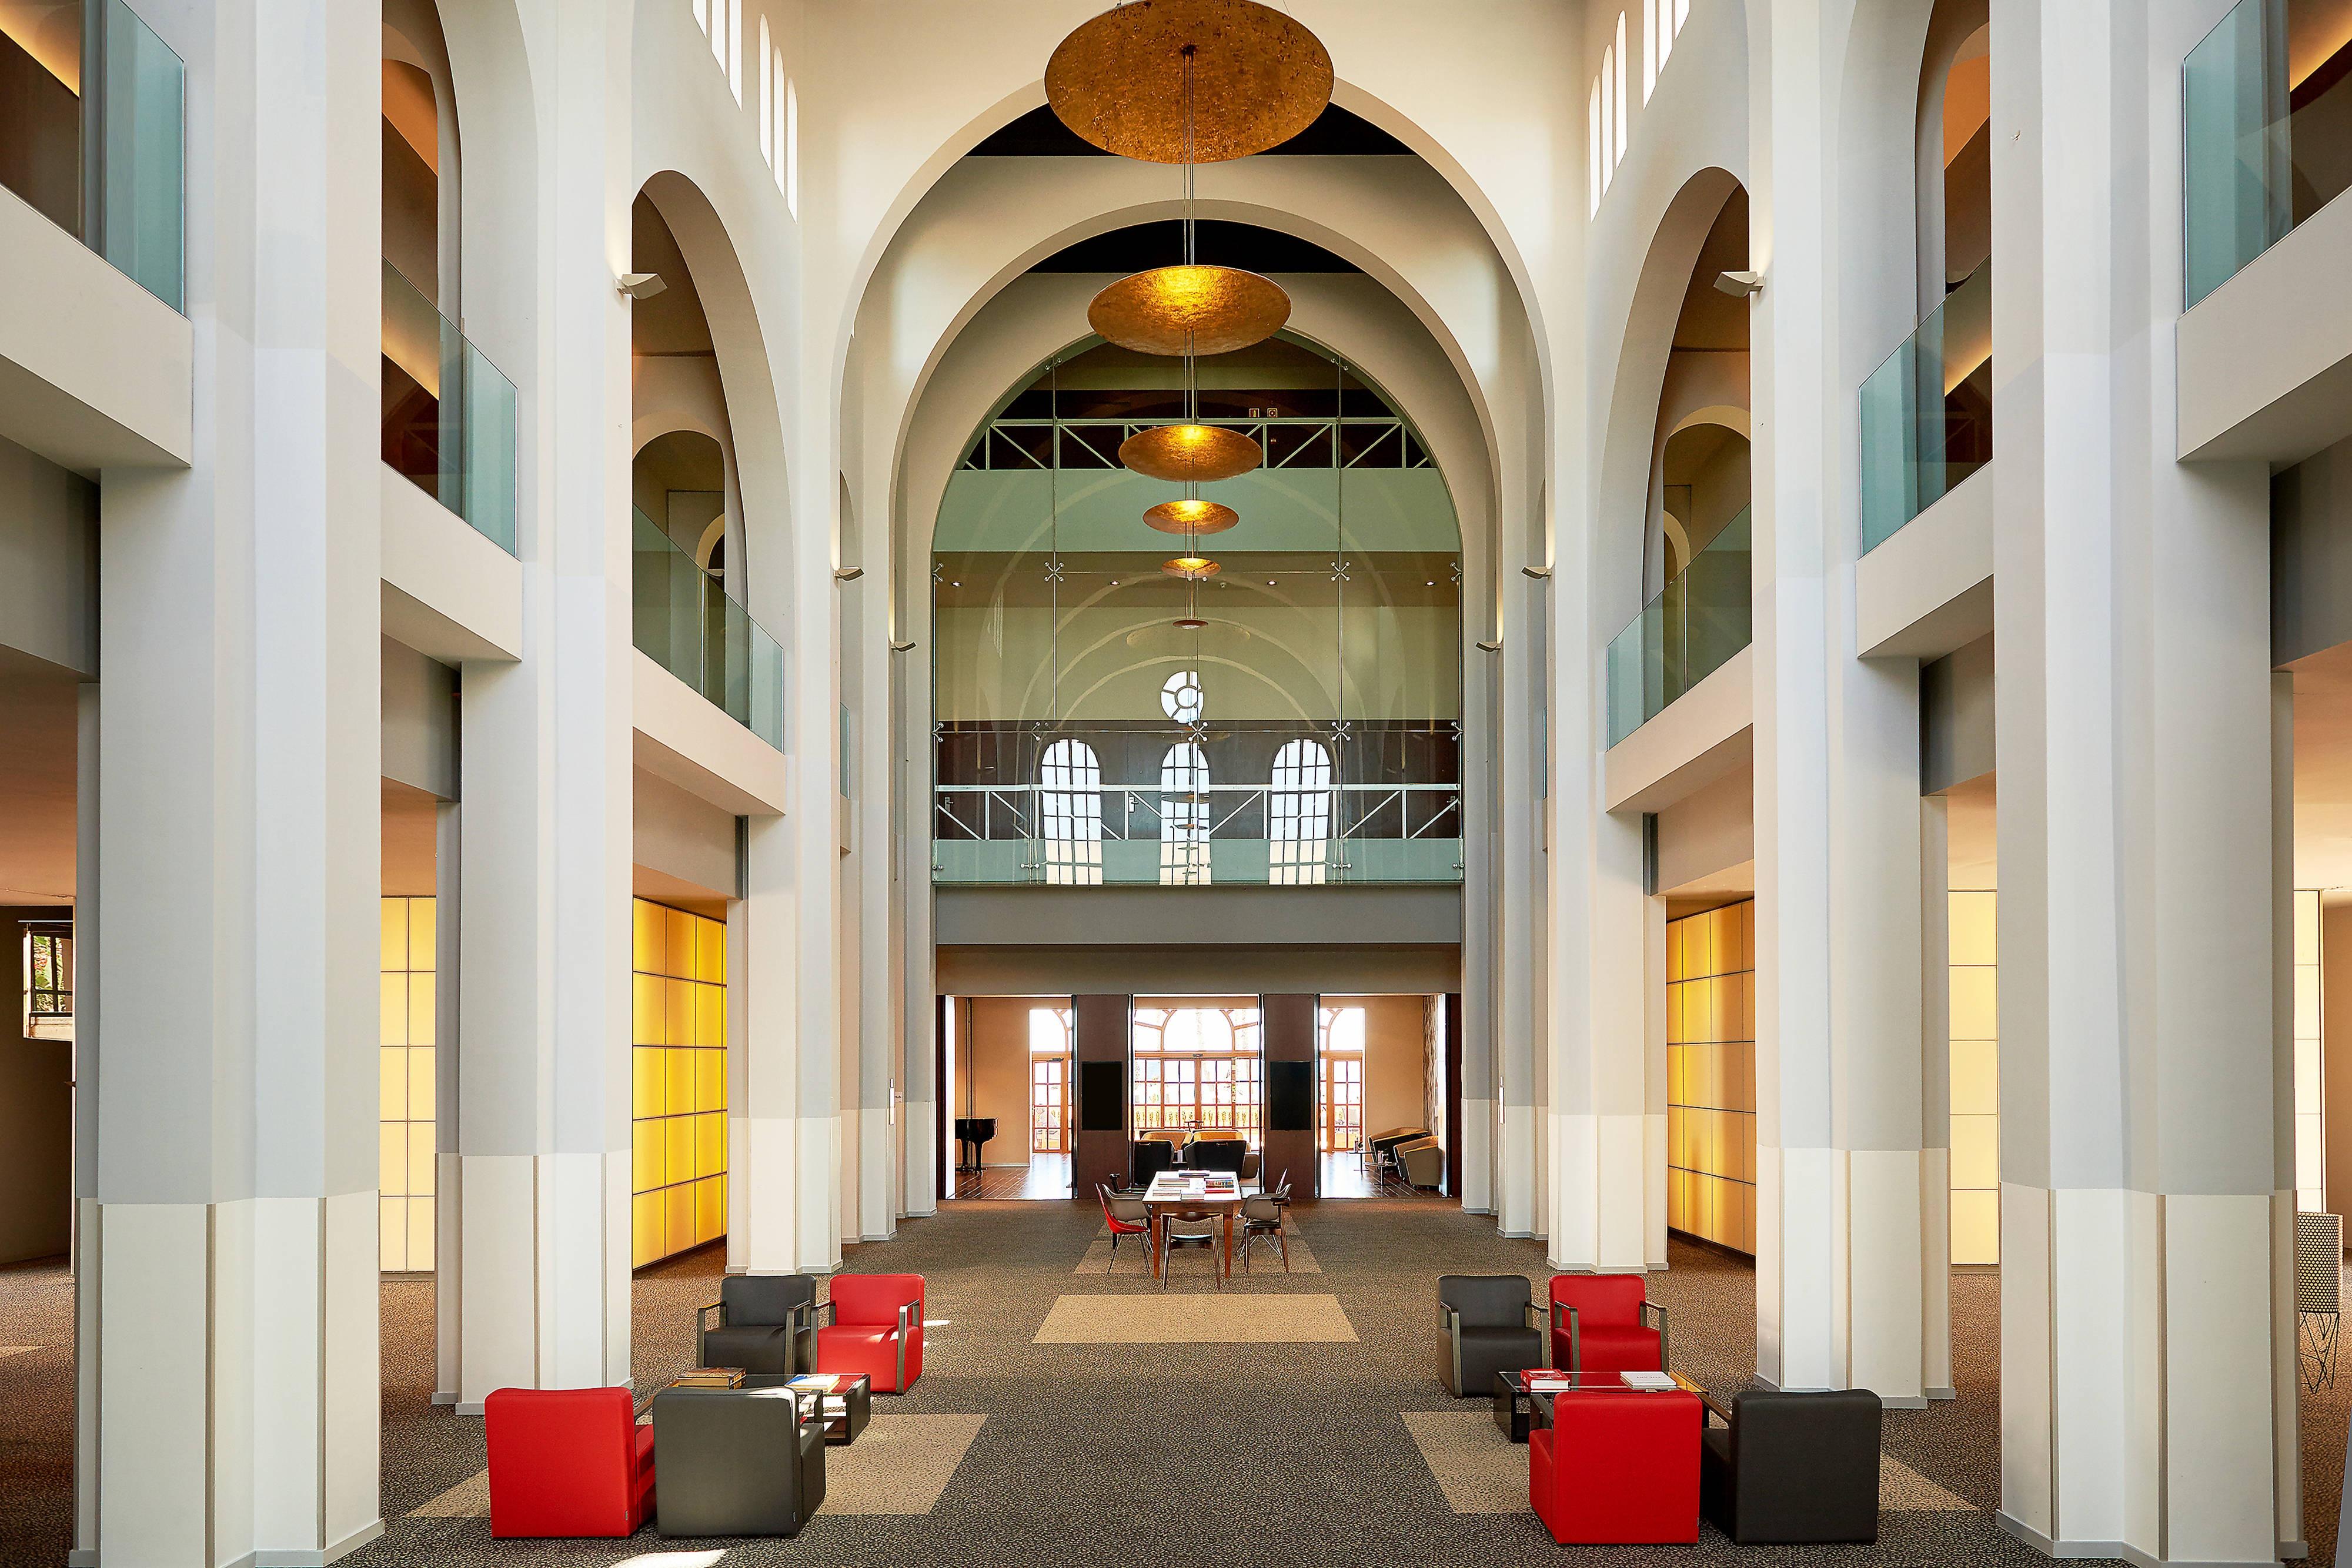 Le Meridien Hub Lobby